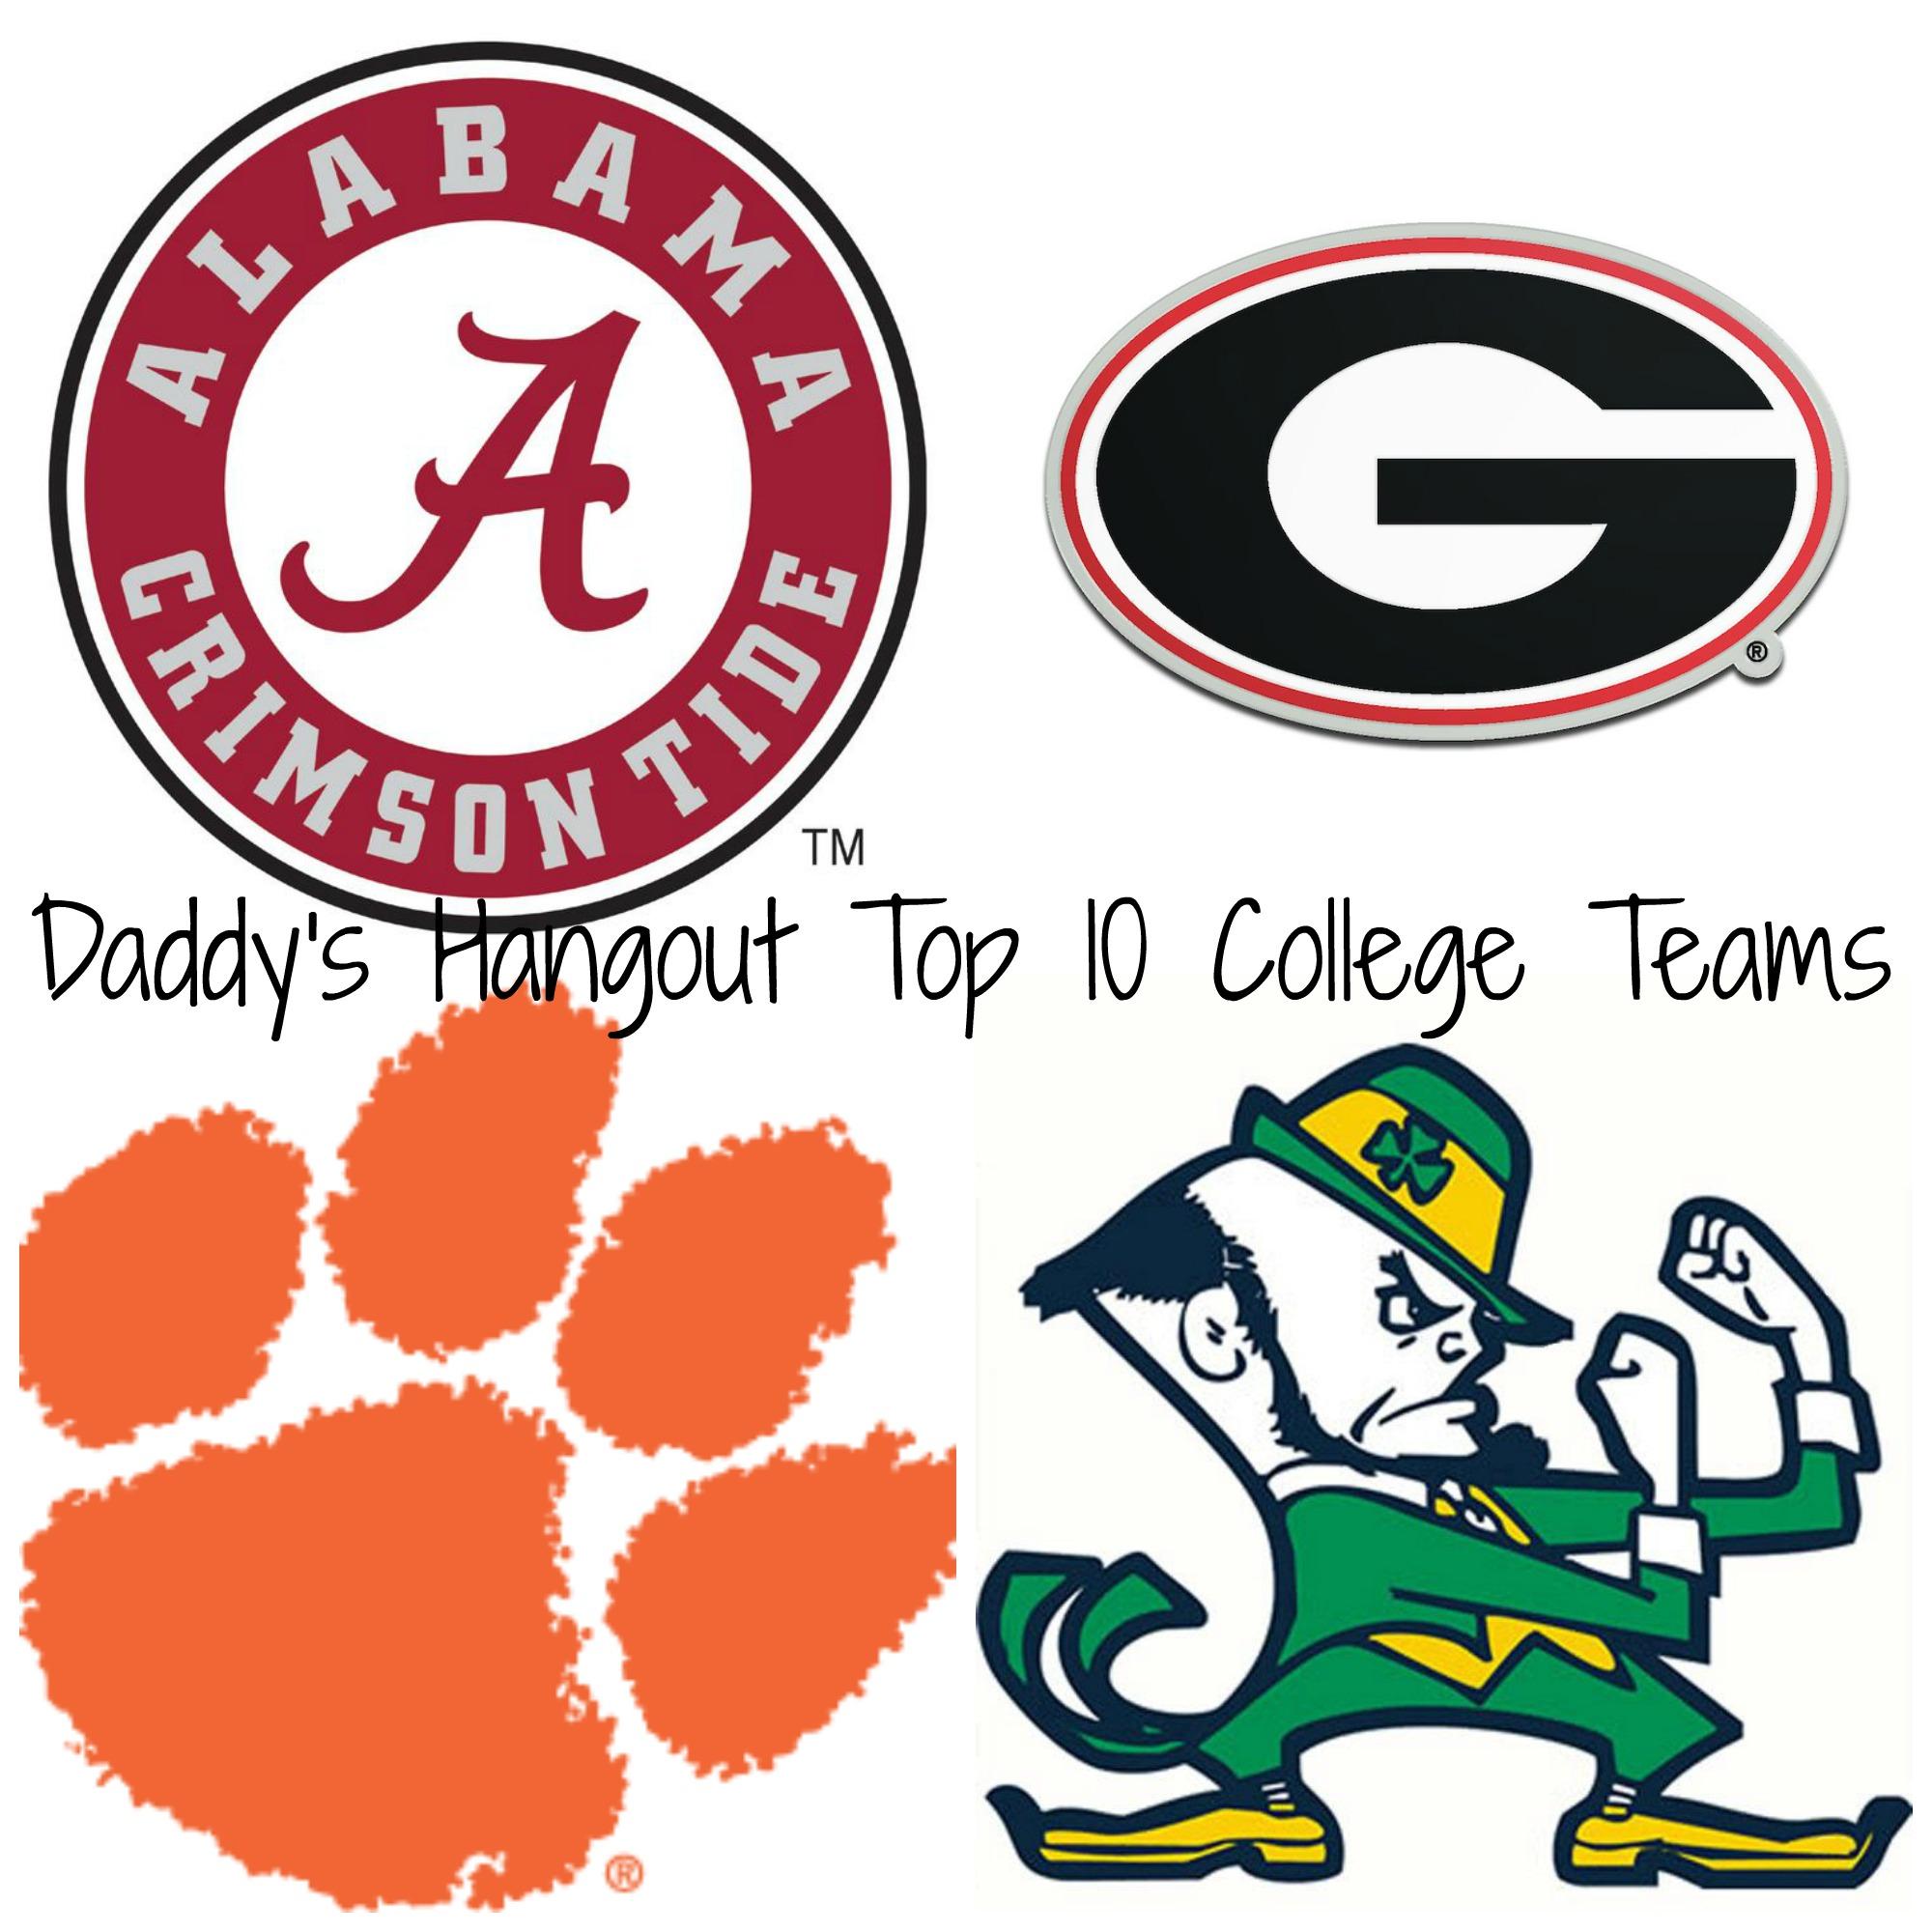 2018 Top 10 College Teams